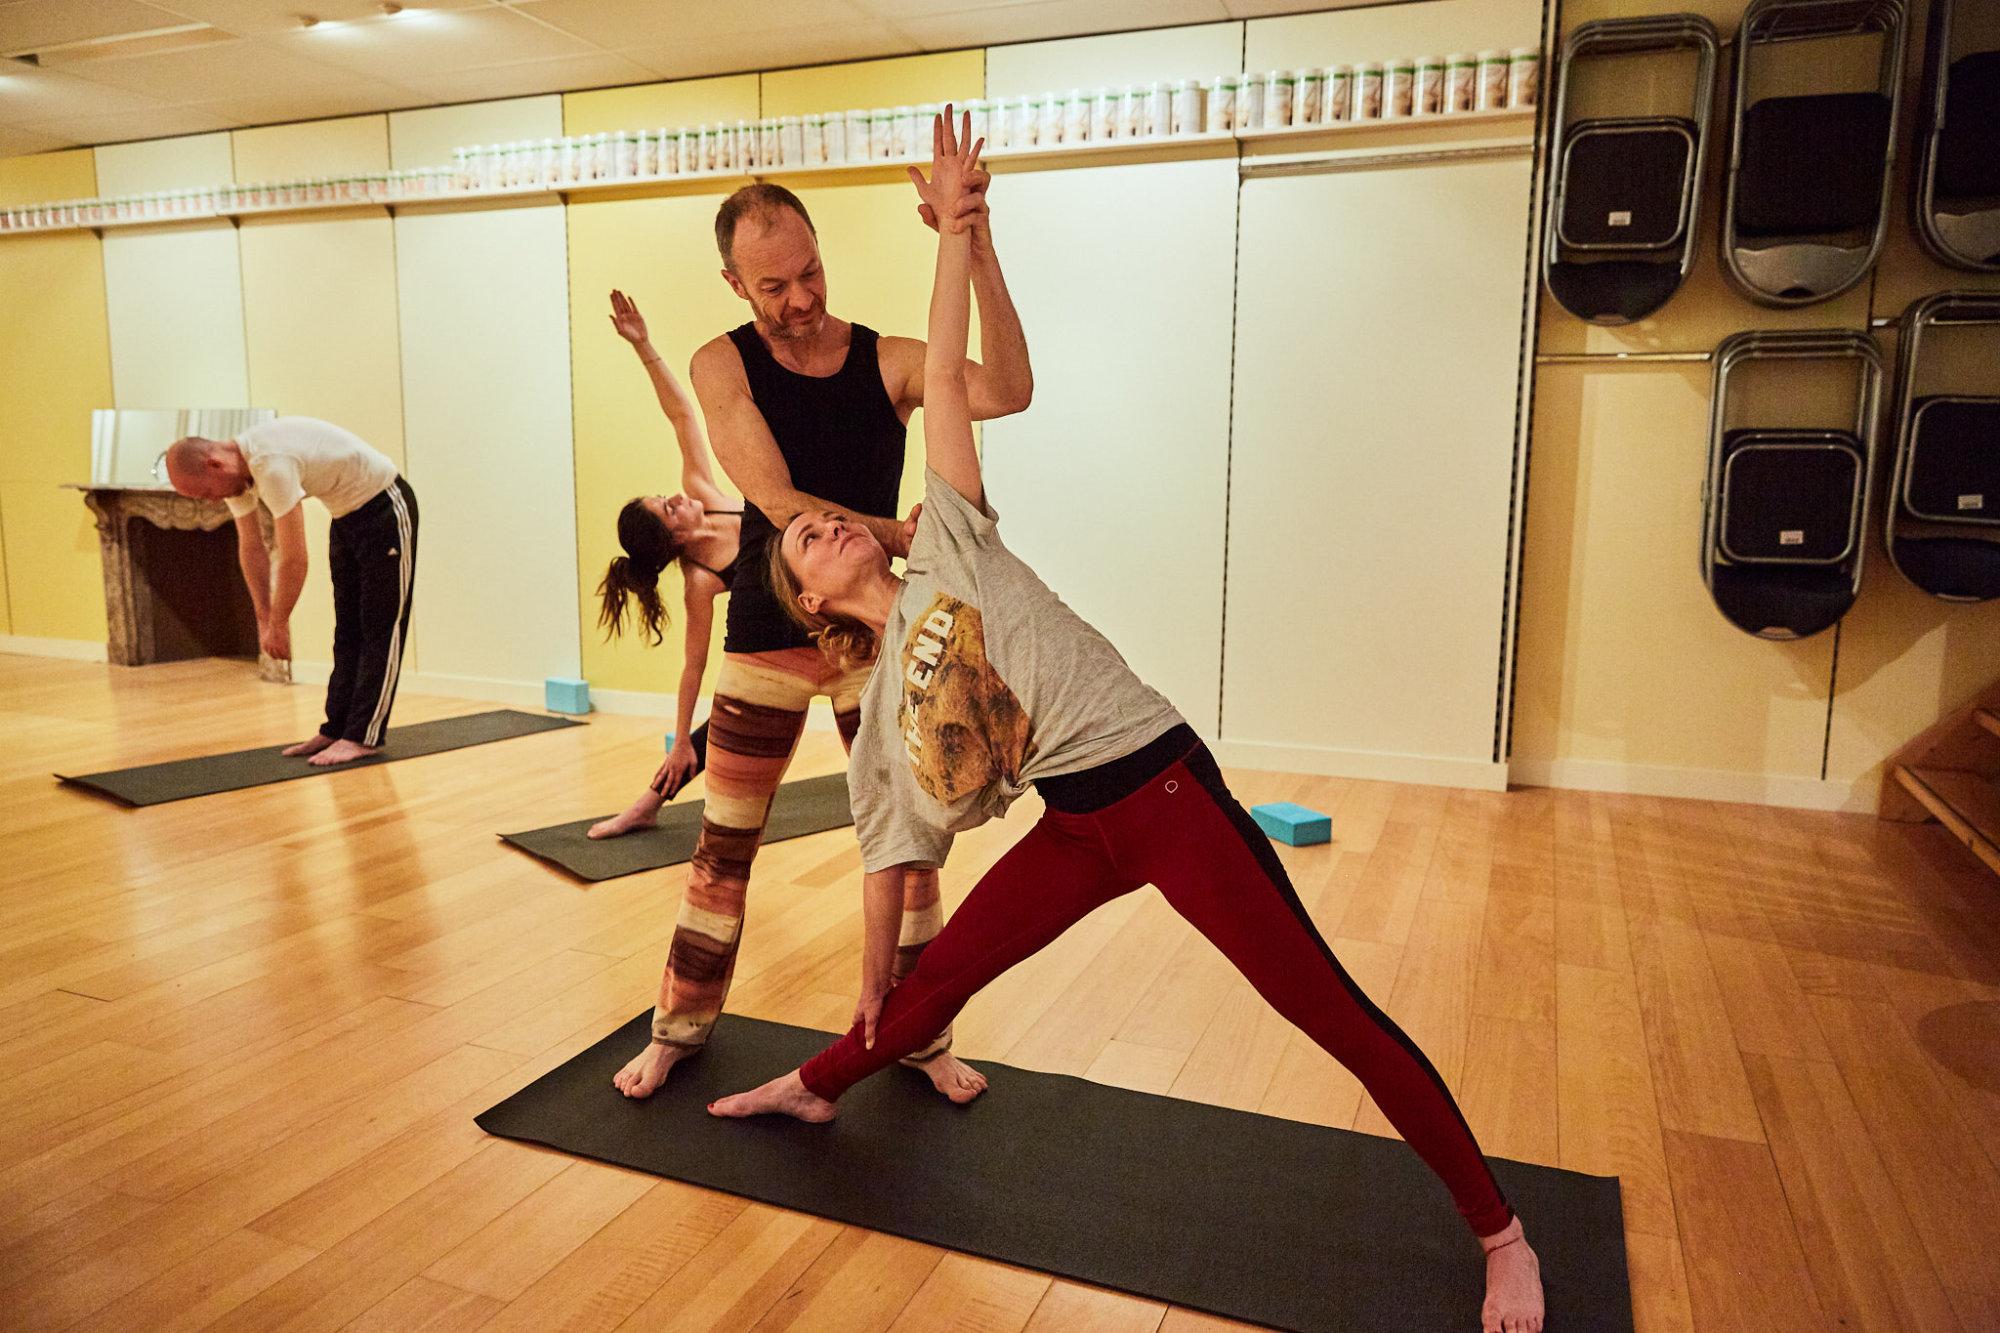 @ home Bendie-yoga.com